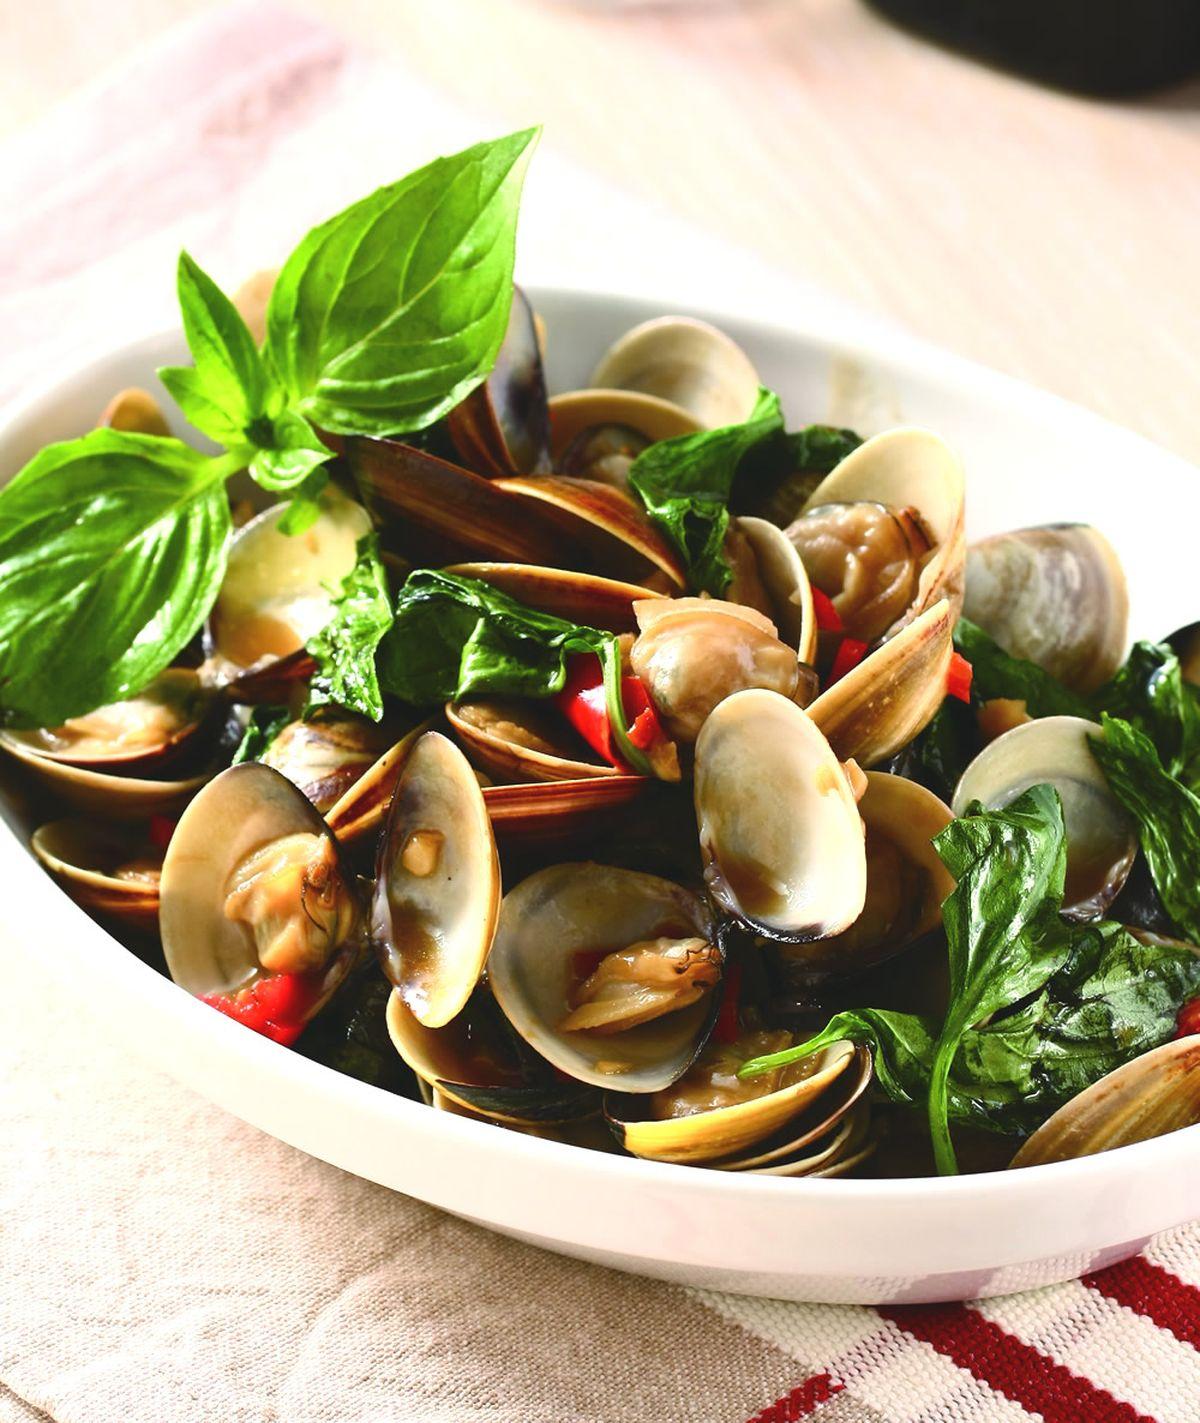 食譜:塔香蛤蜊